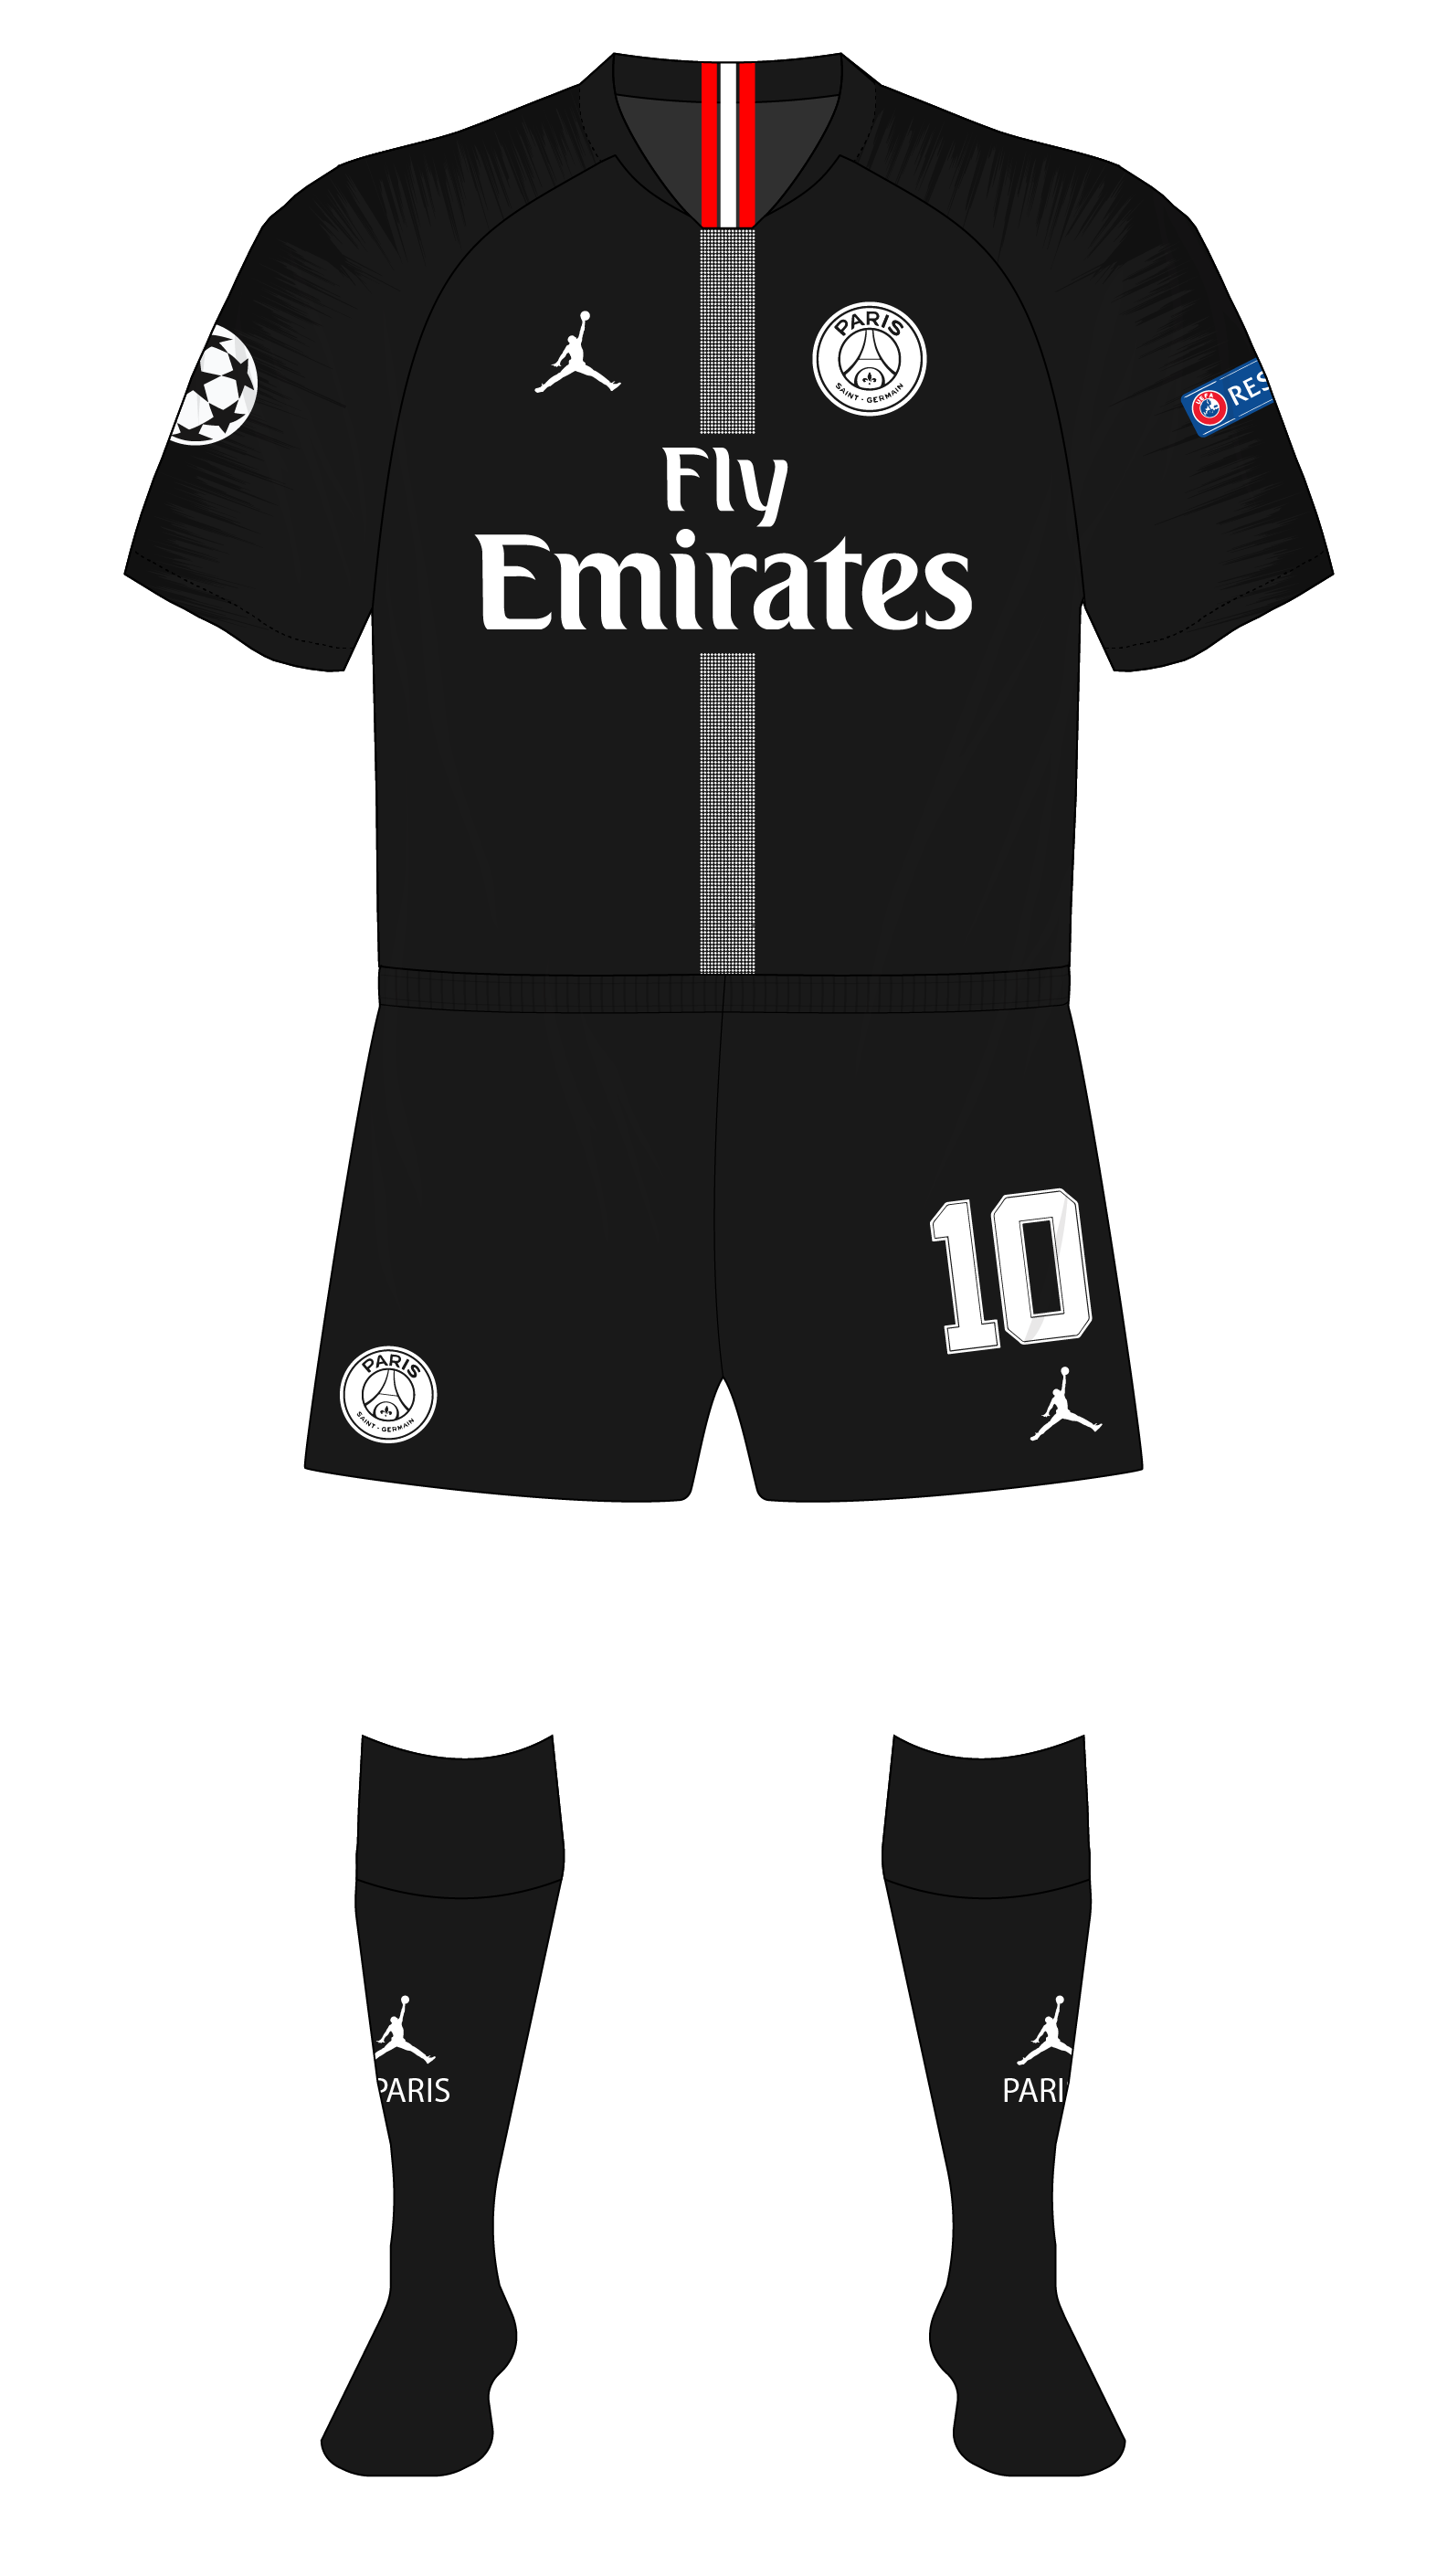 quality design 8d700 f967a Paris-St-Germain-2018-2019-Jordan-Champions-League-home ...